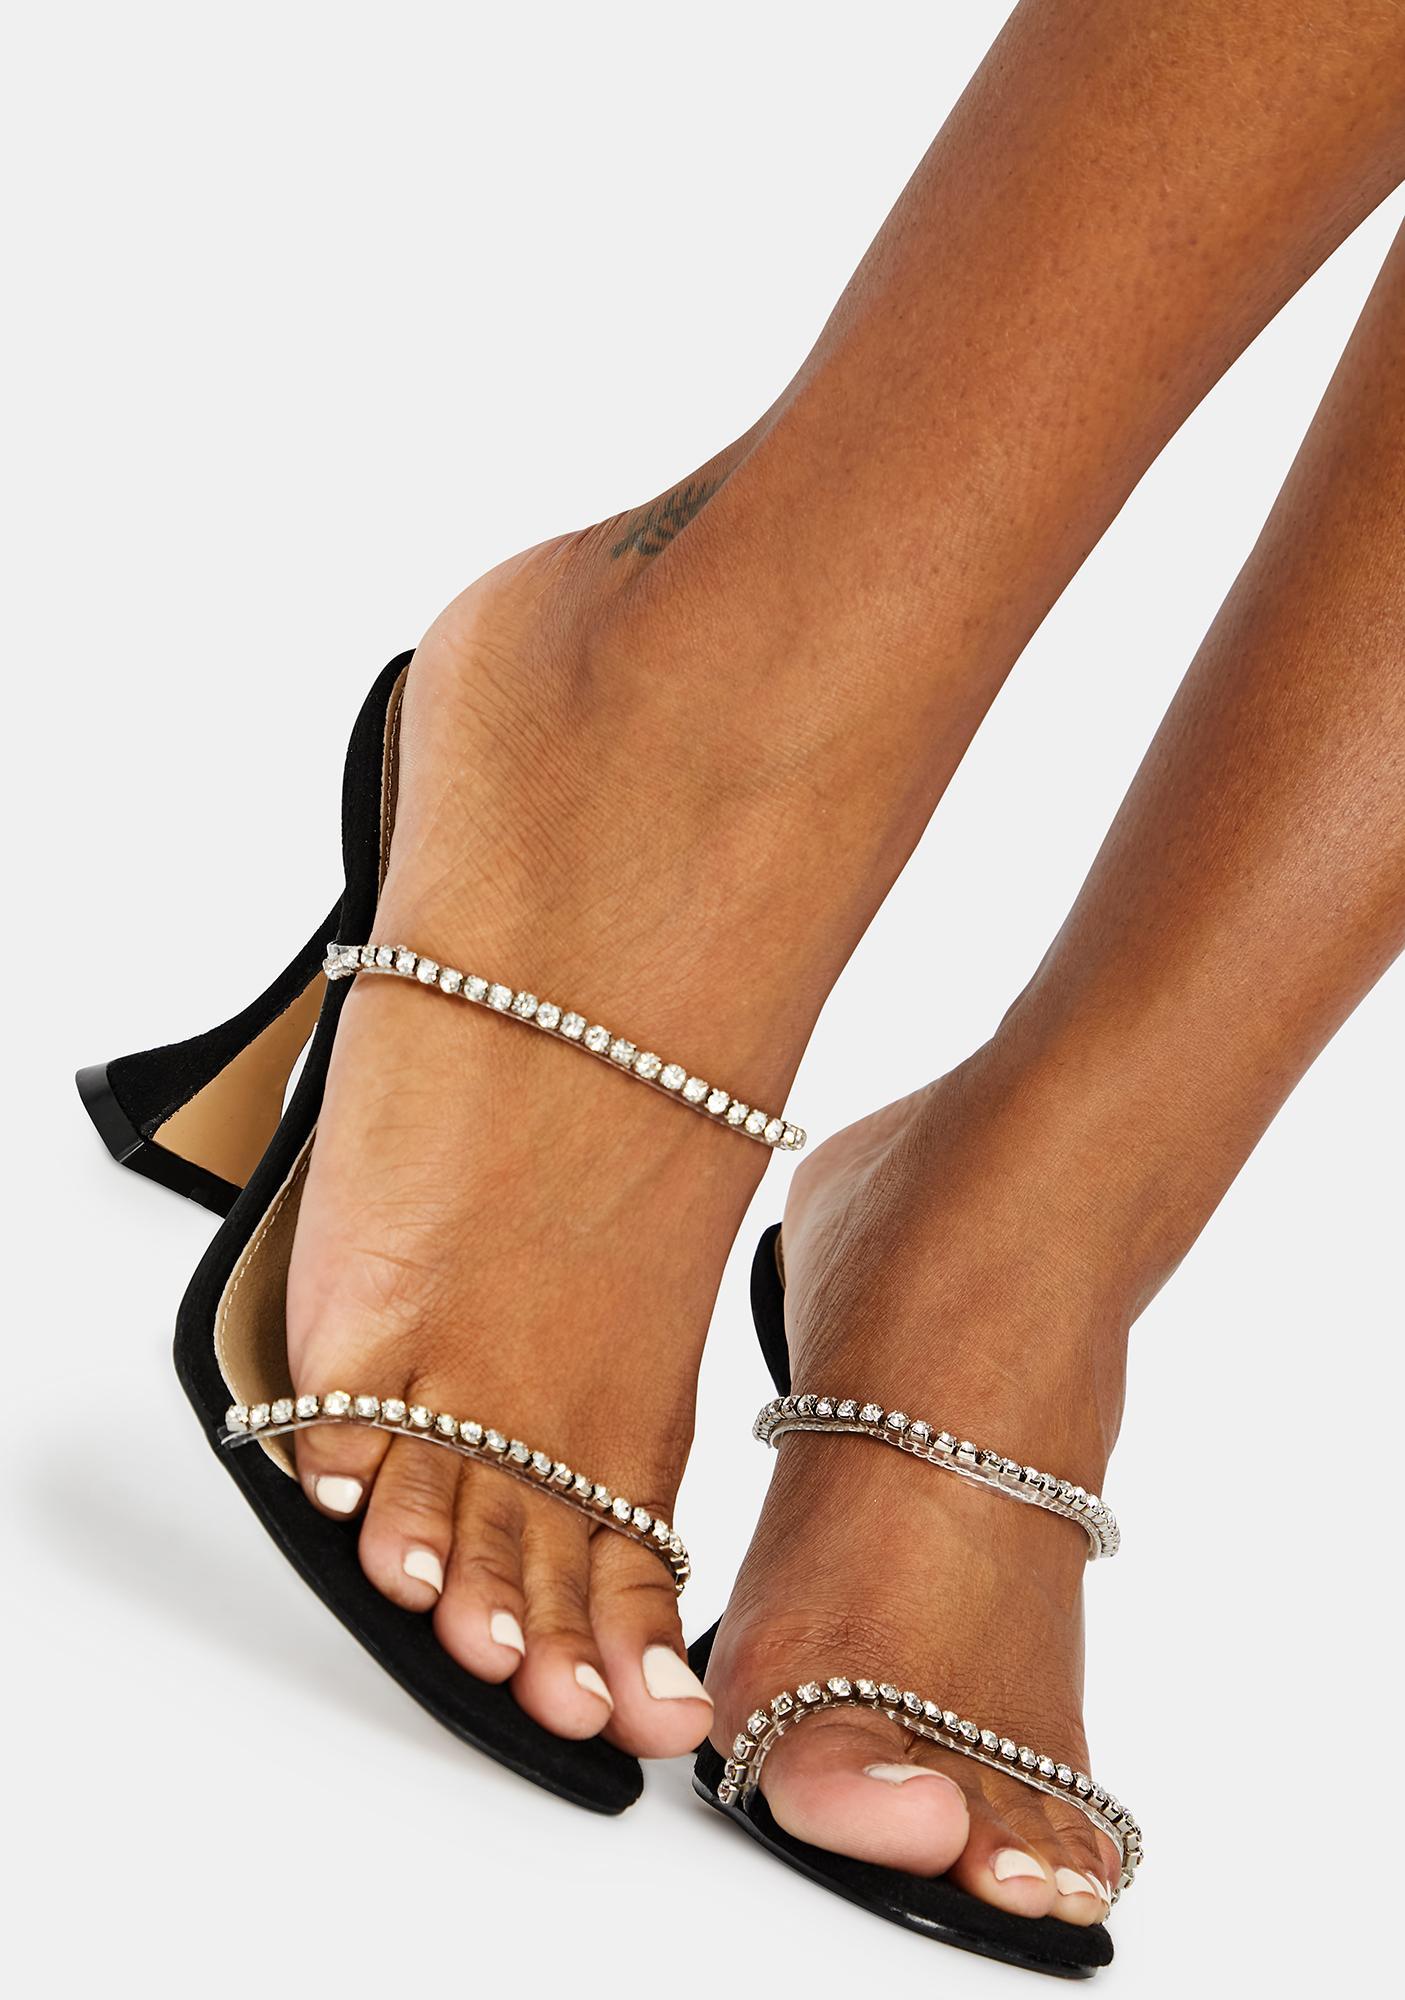 Ultimate Dreamgirl Heels